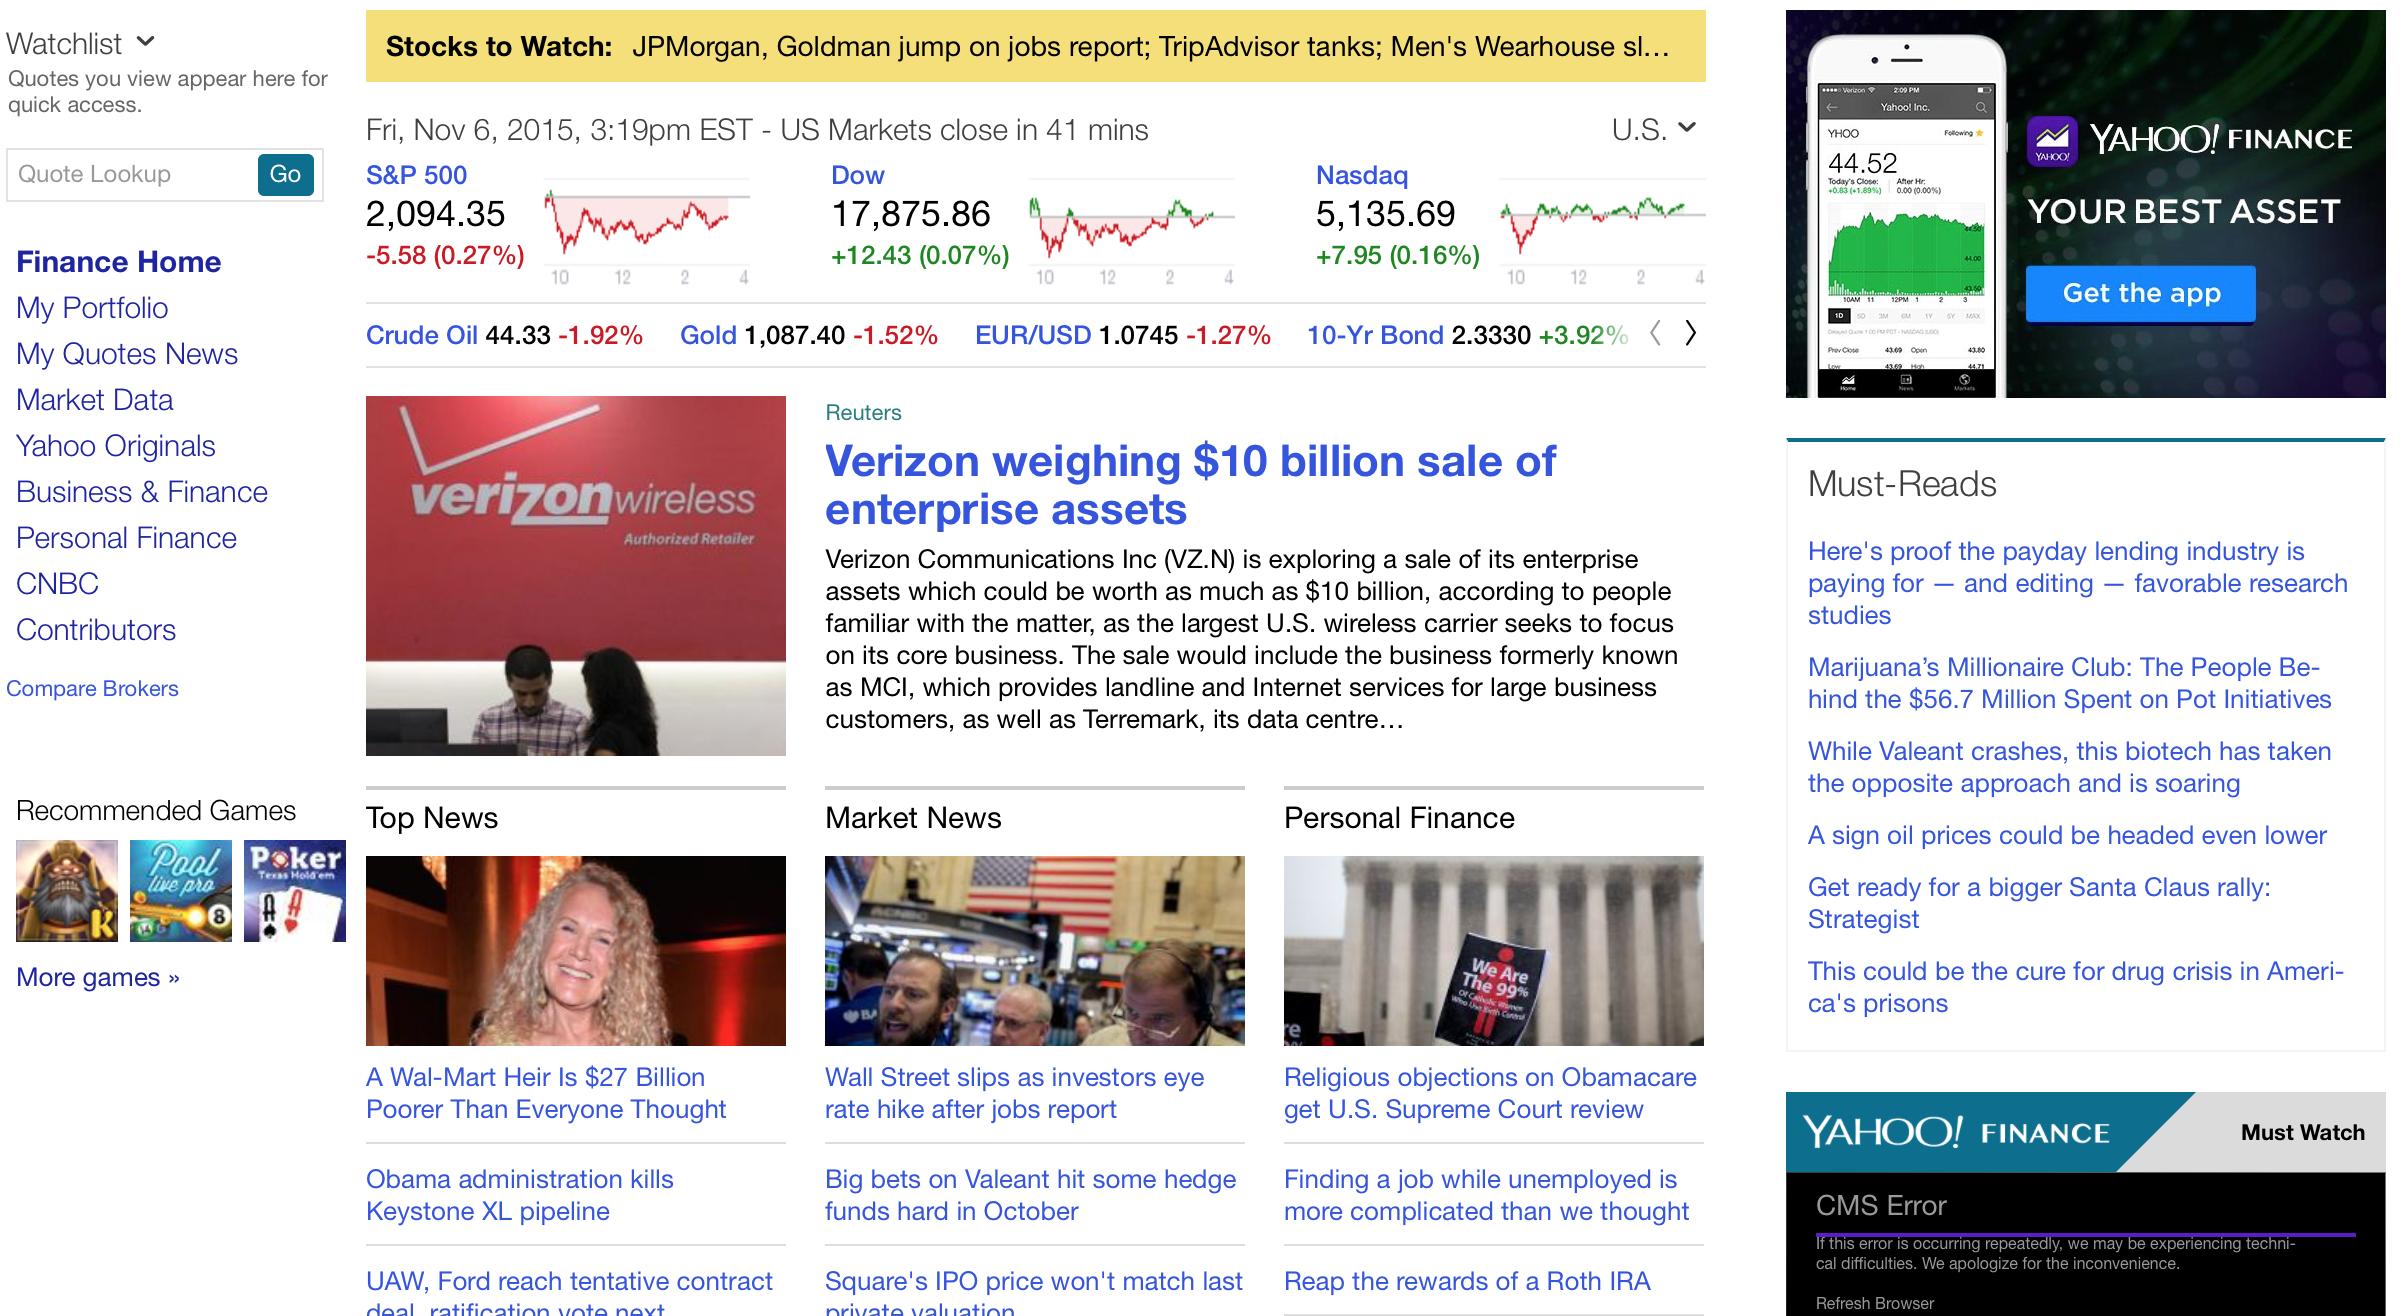 googlefinance how to follow stocks